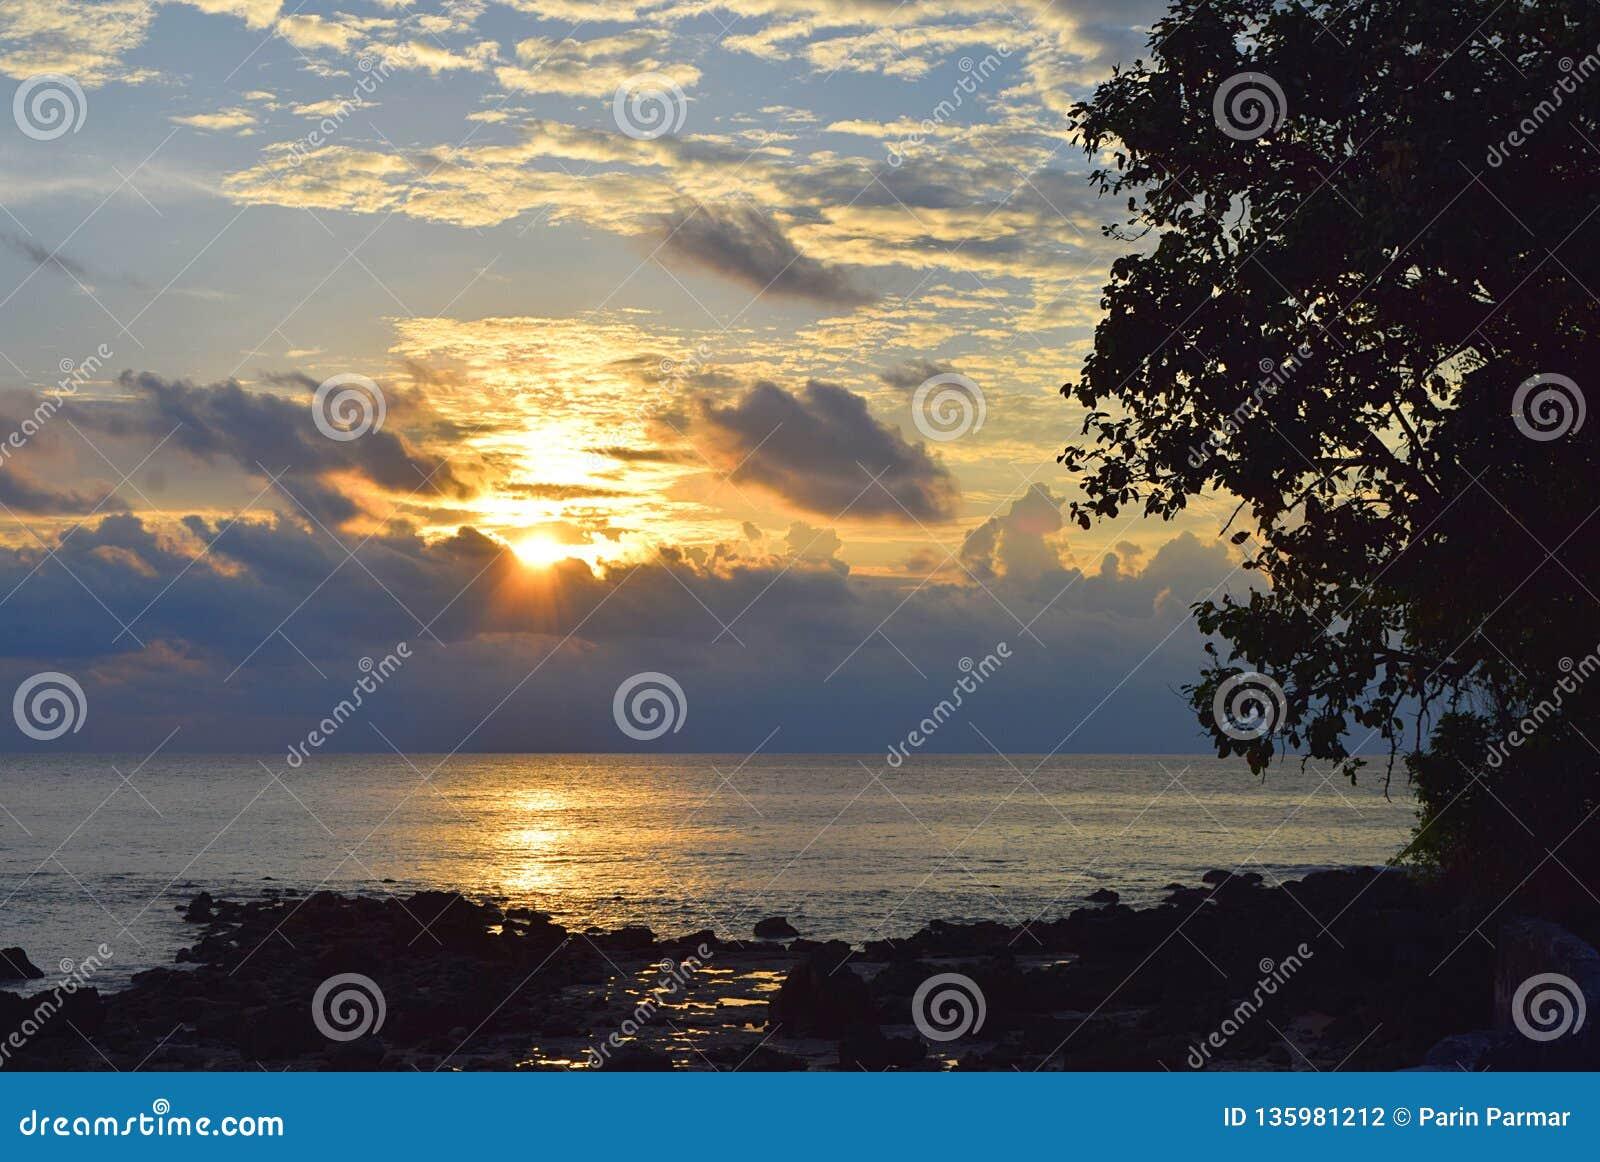 Het toenemen Zon met Gouden Zonneschijn met Wolken in Hemel met Voering over Overzees en Contouren van Boom en Stenen - Neil Isla